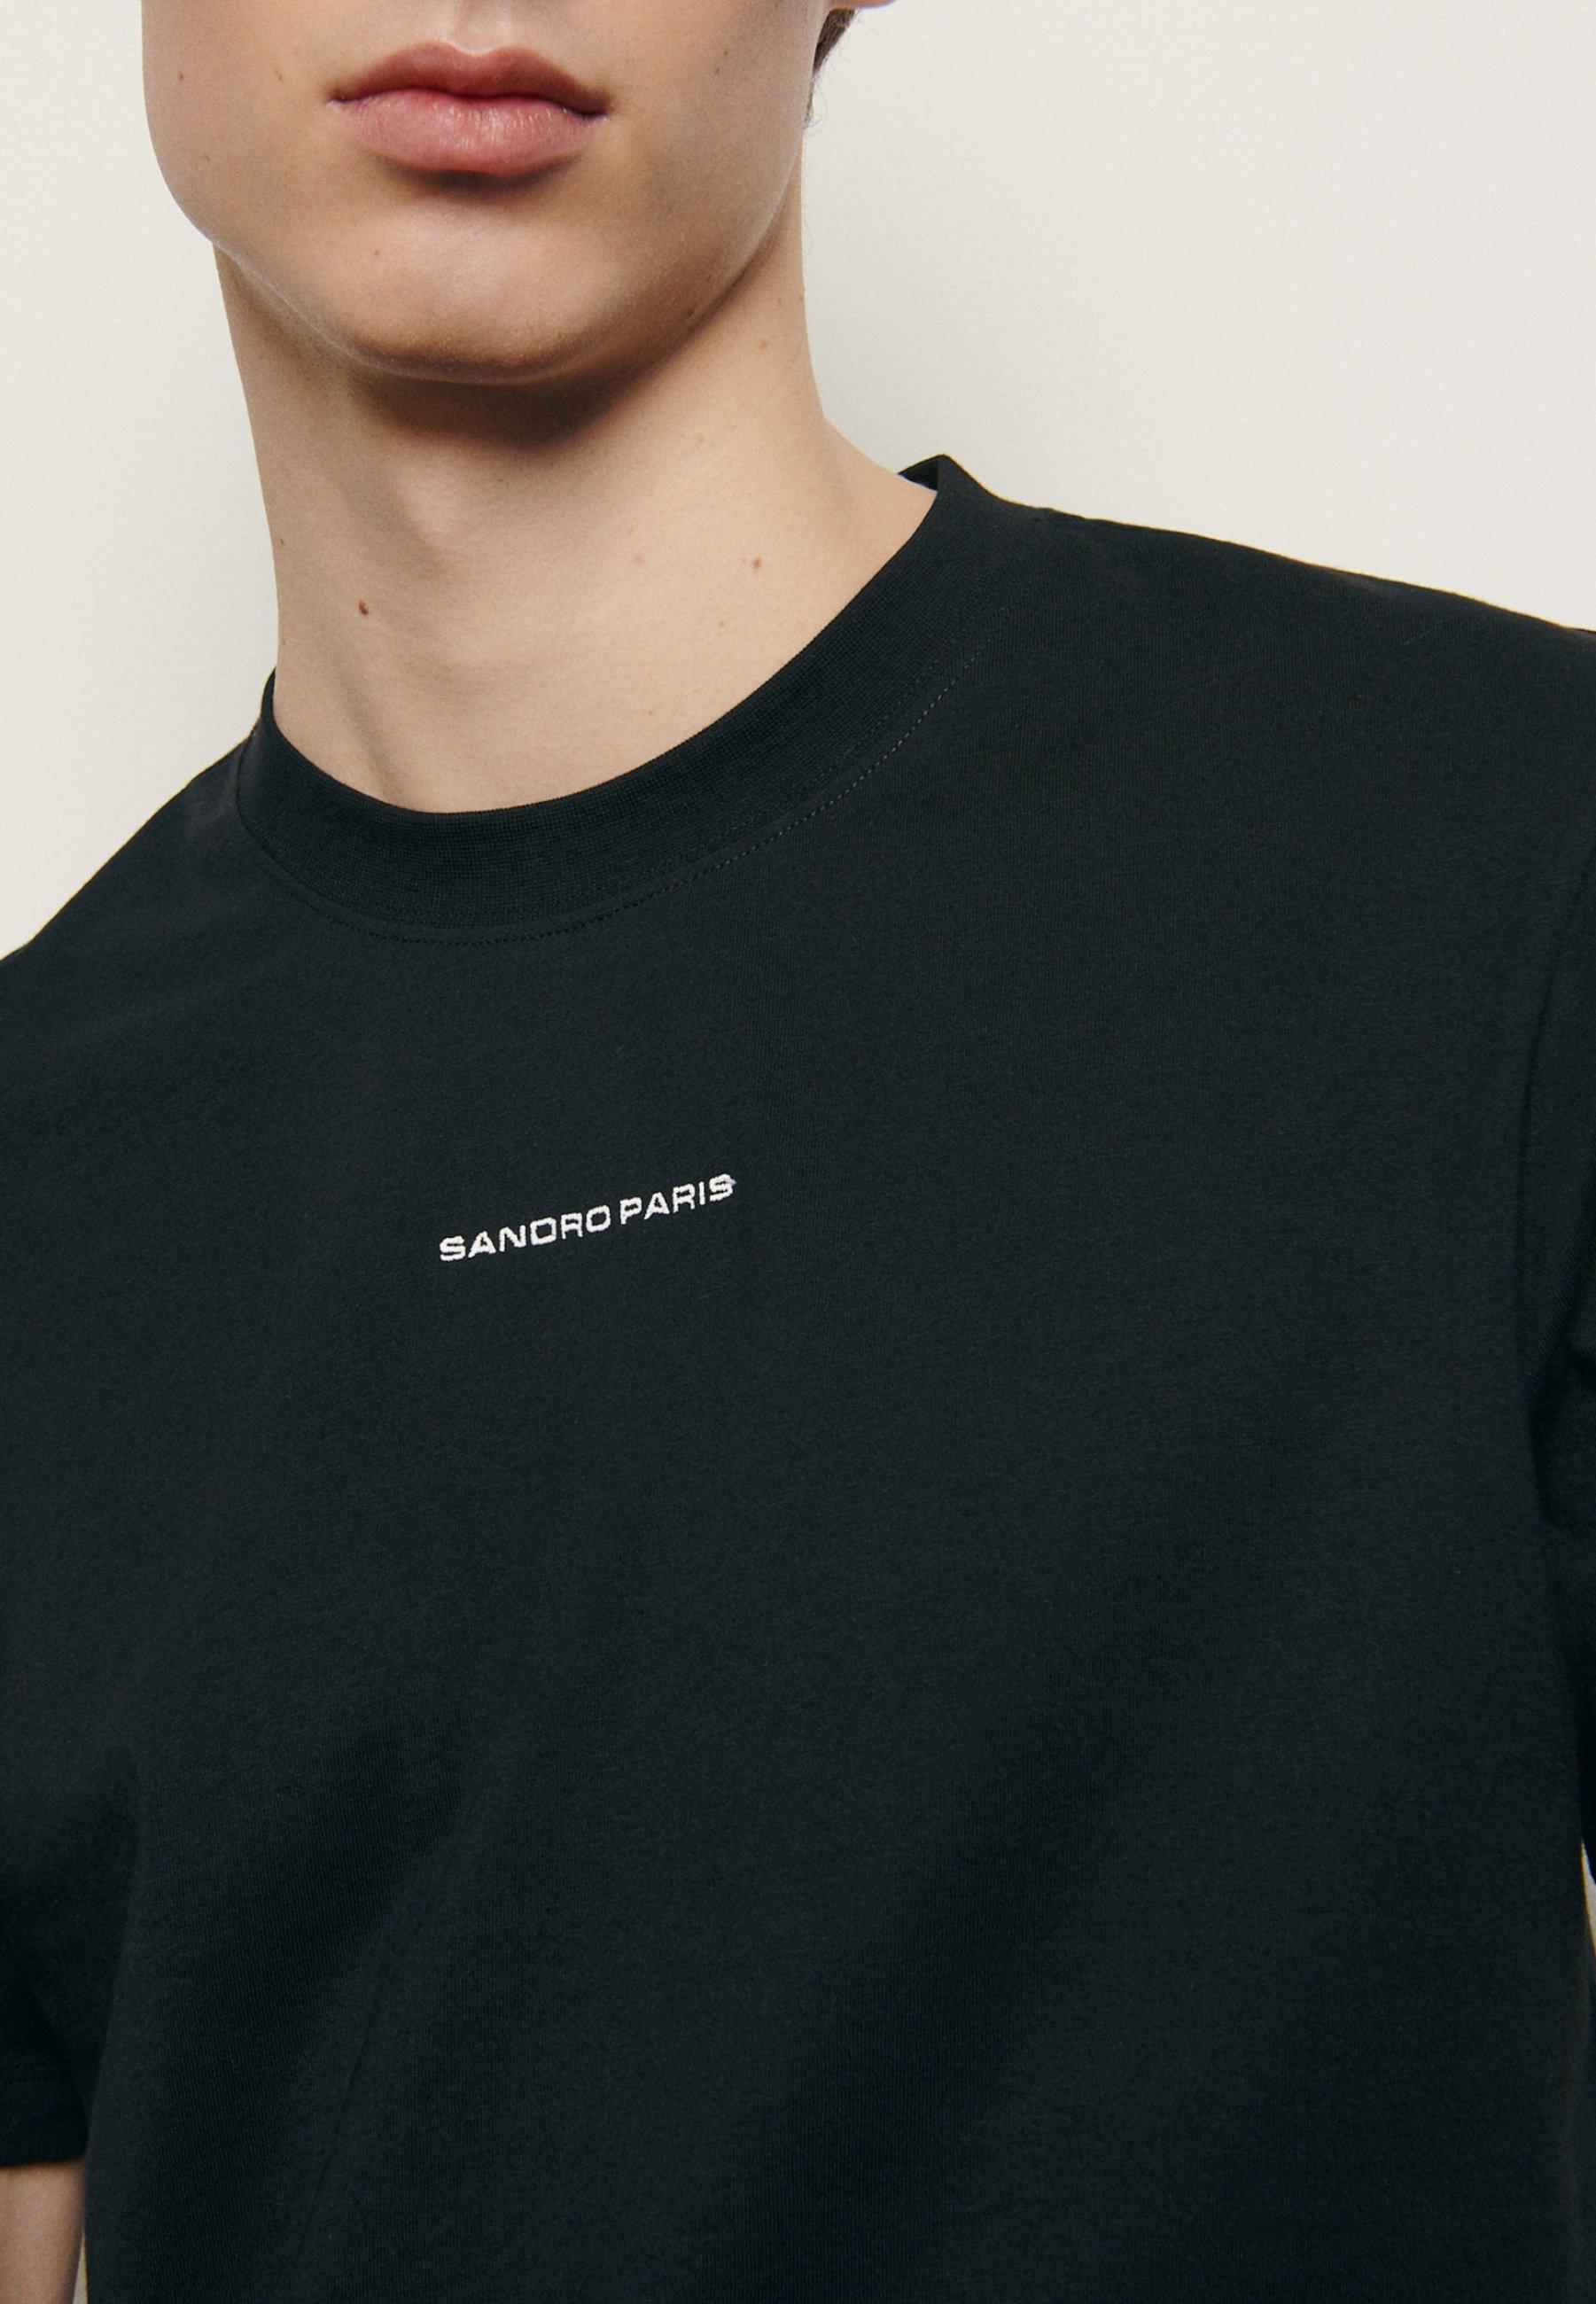 Sandro Paris Hvit t skjorte Medium | FINN.no